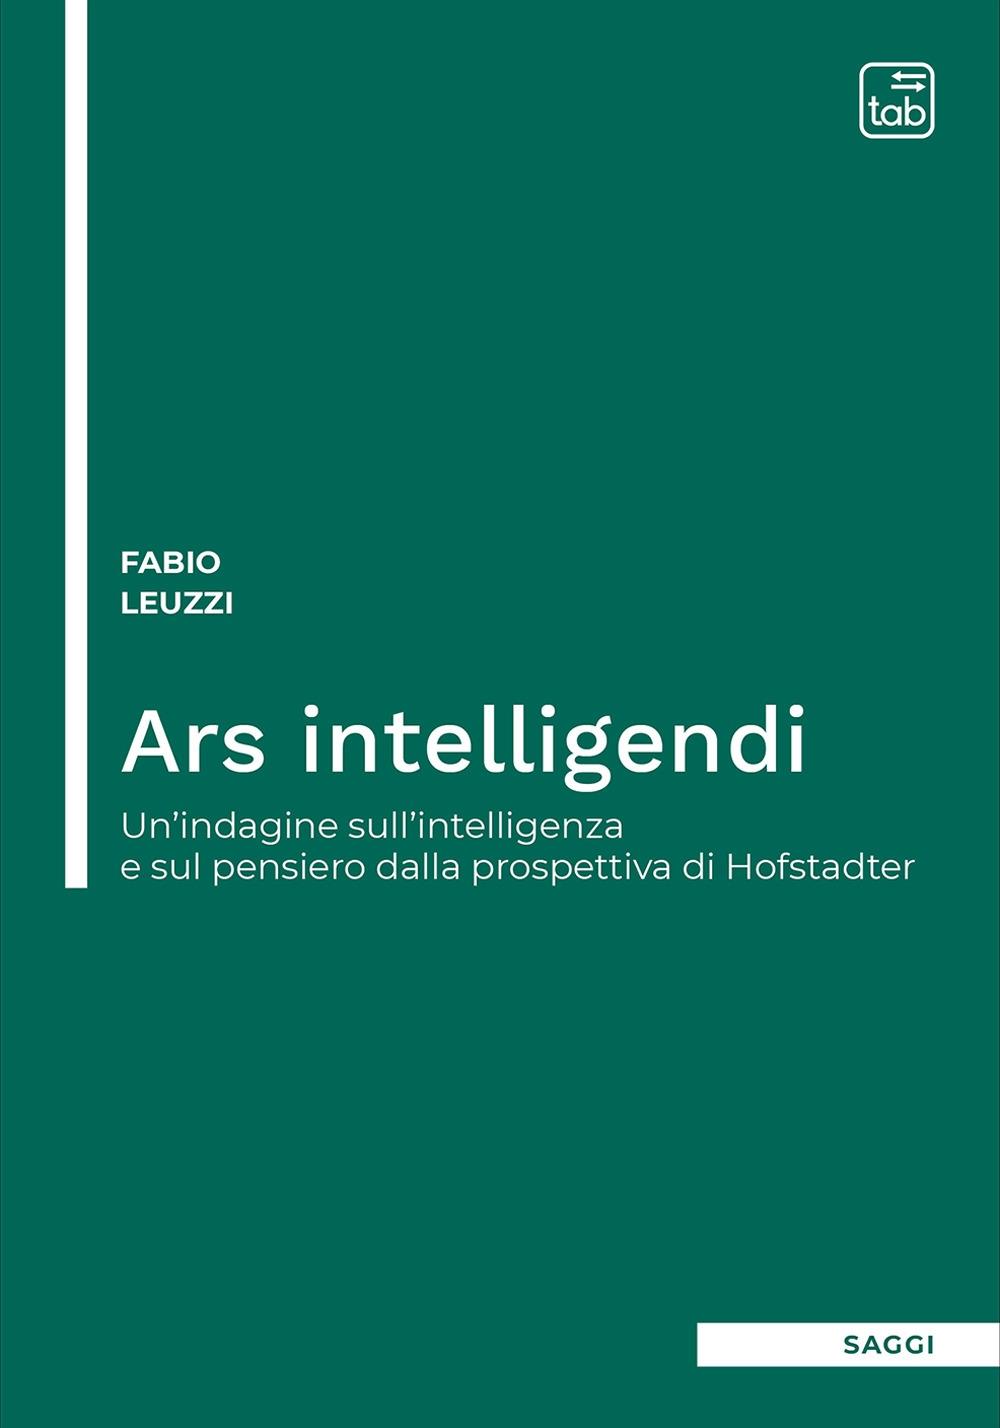 Ars intelligendi. Un'indagine sull'intelligenza e sul pensiero dalla prospettiva di Hofstadter